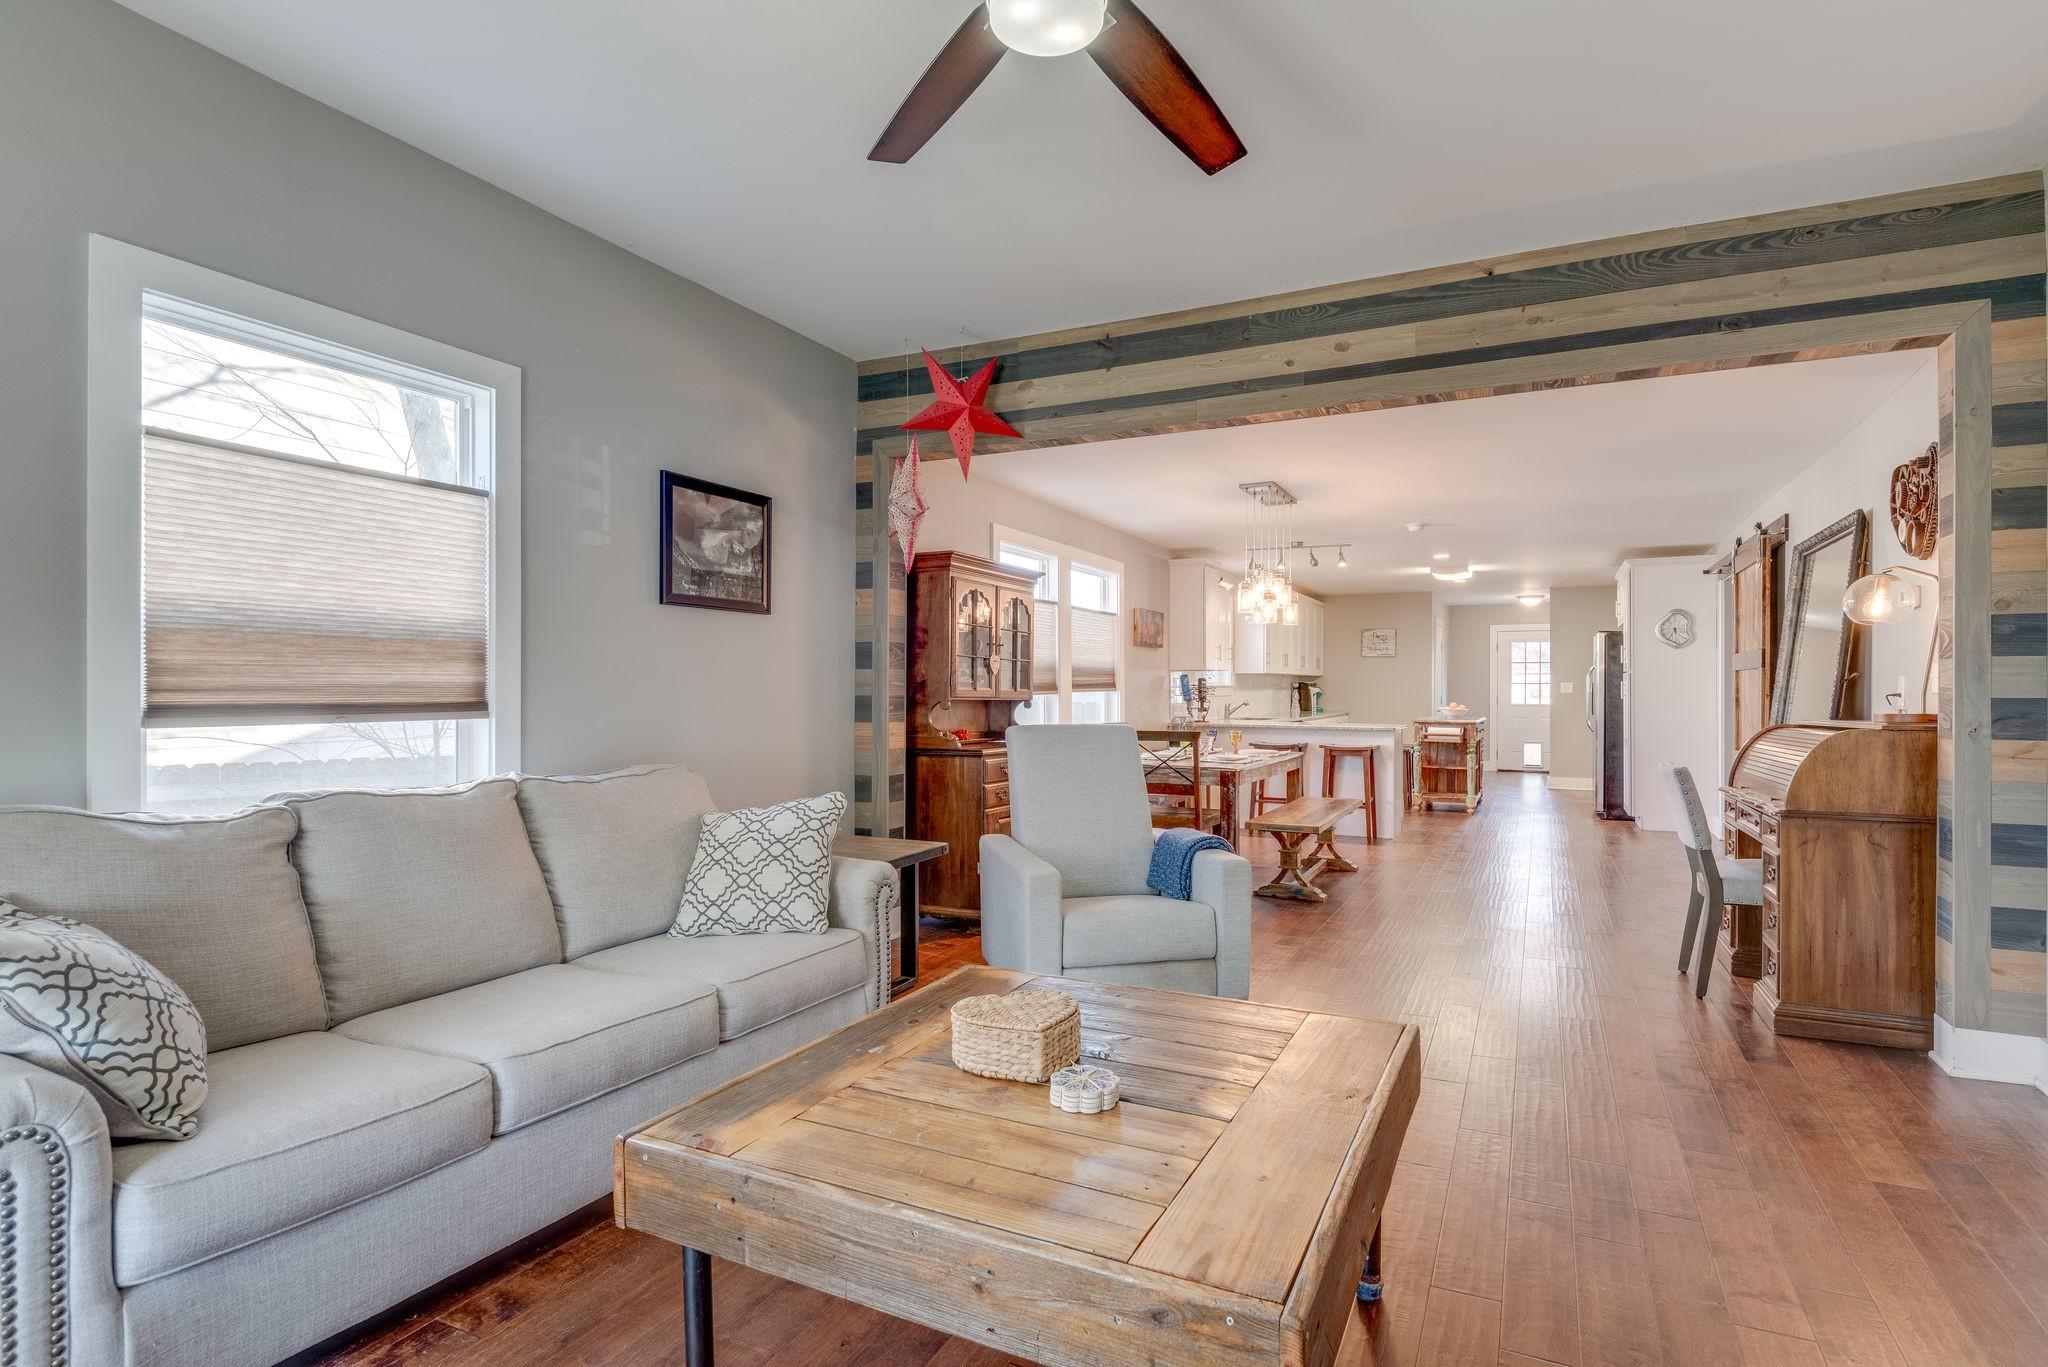 1123 N 2nd St, Nashville, TN 37207 - Nashville, TN real estate listing